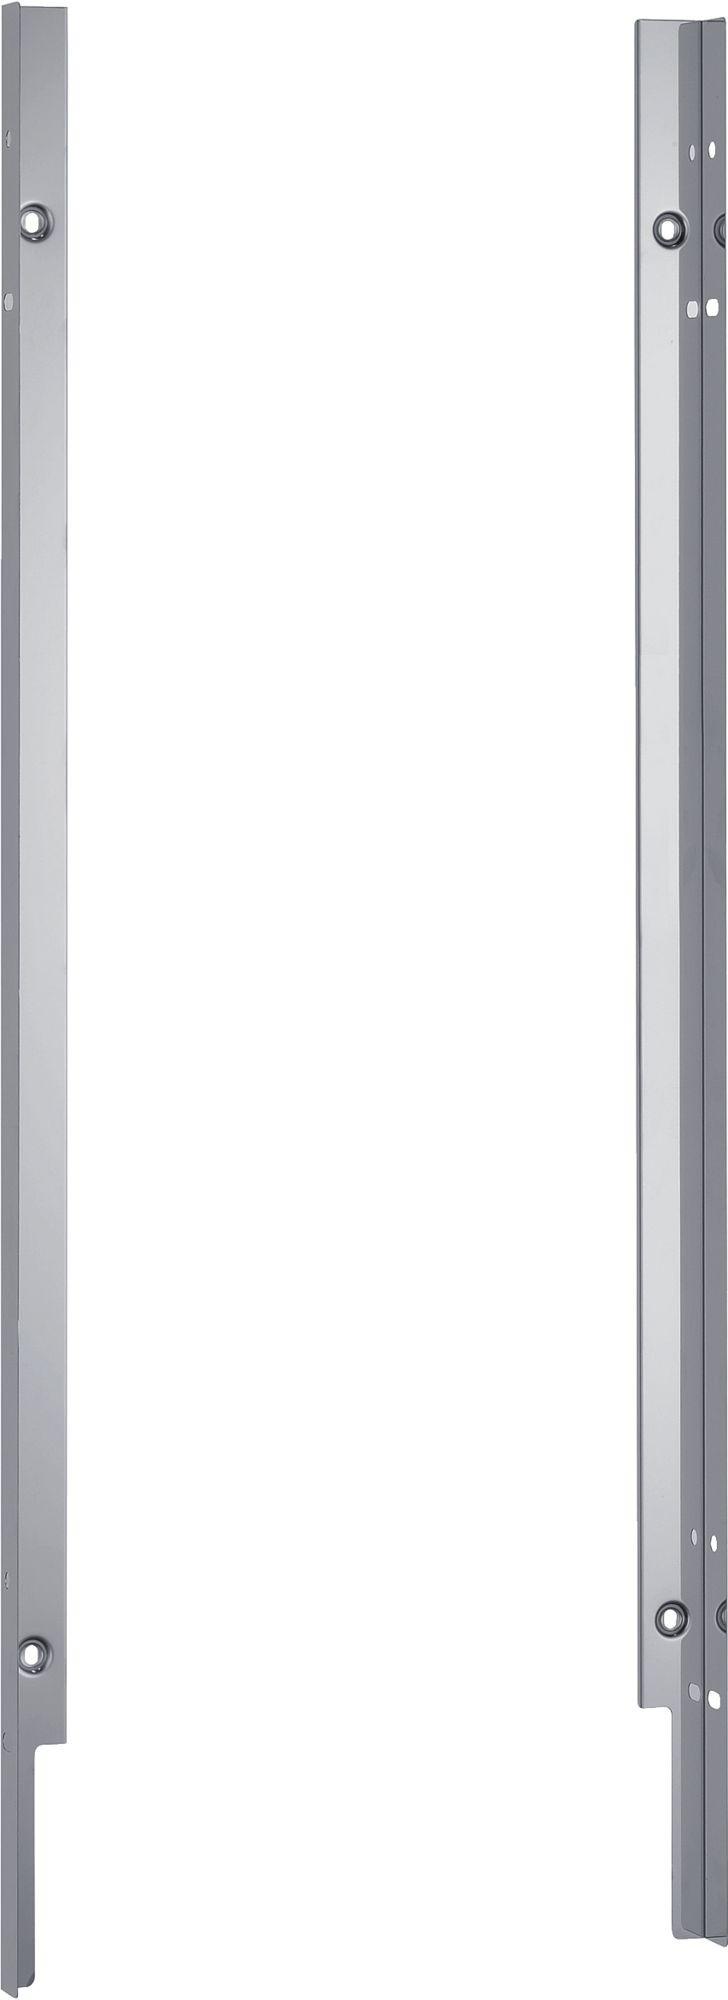 Neff Z7861X0 Decor Strip